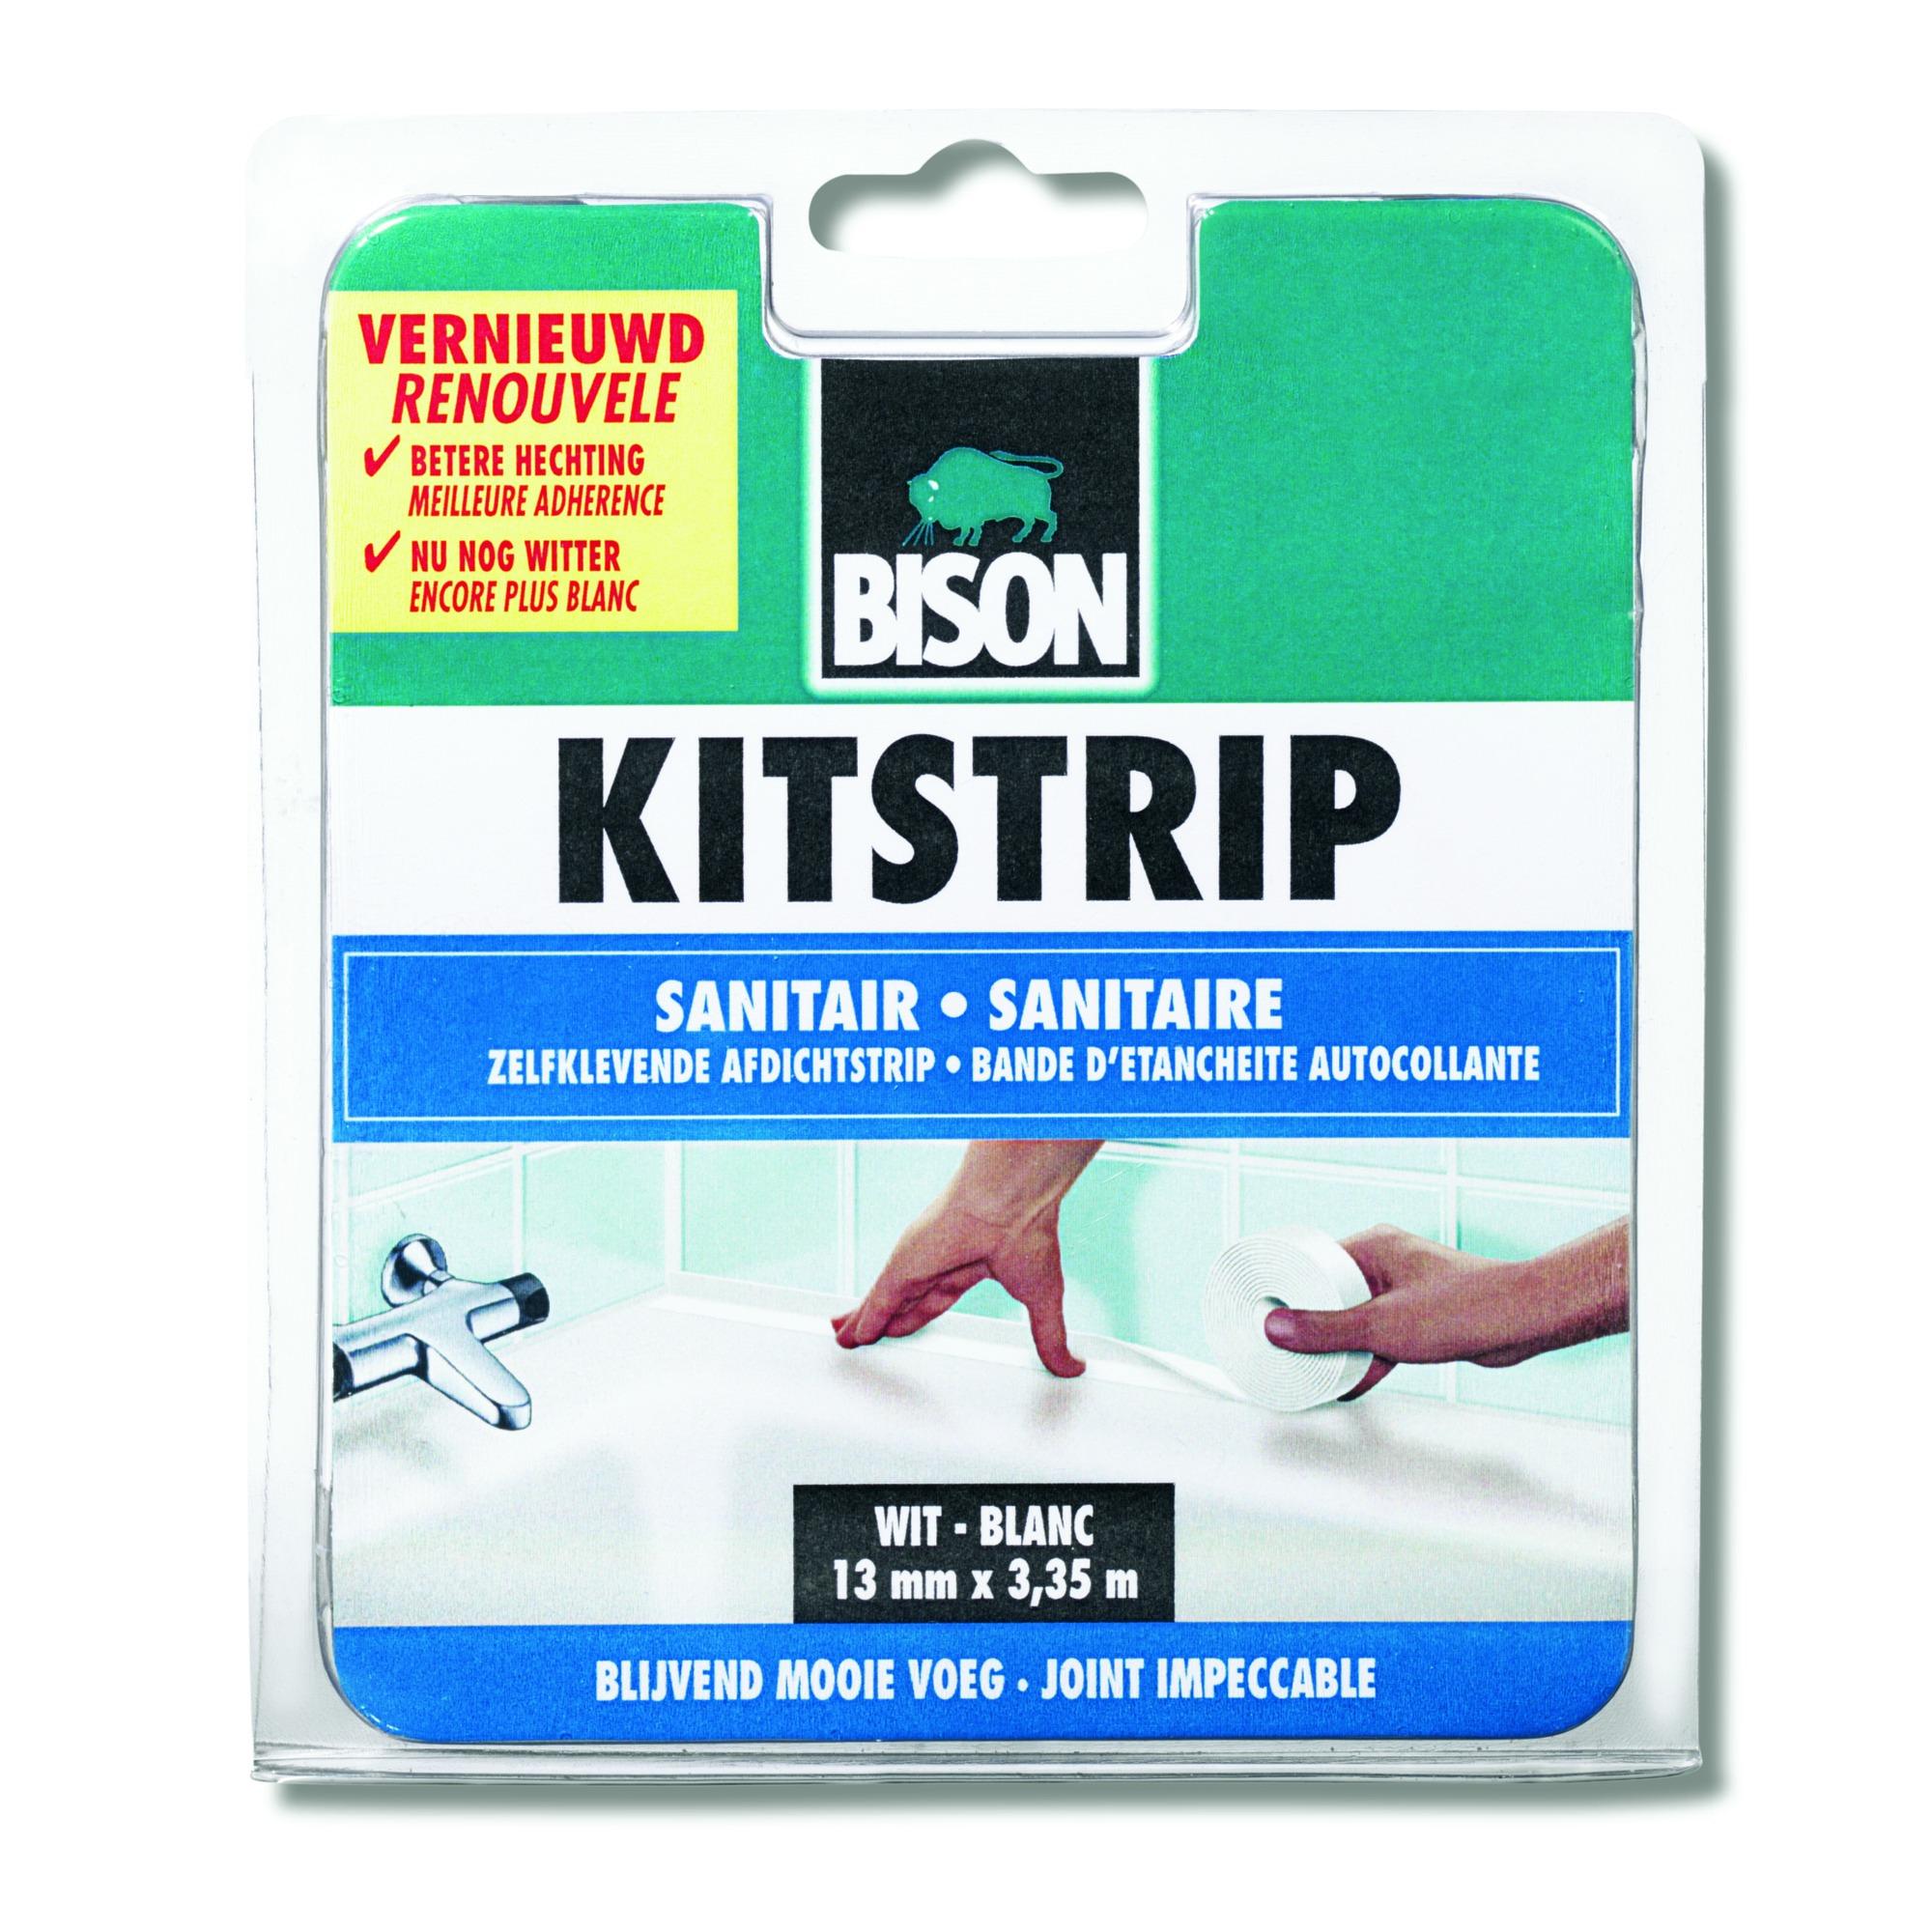 Bison kitstrip sanitair wit 22 mm x 3,35 m